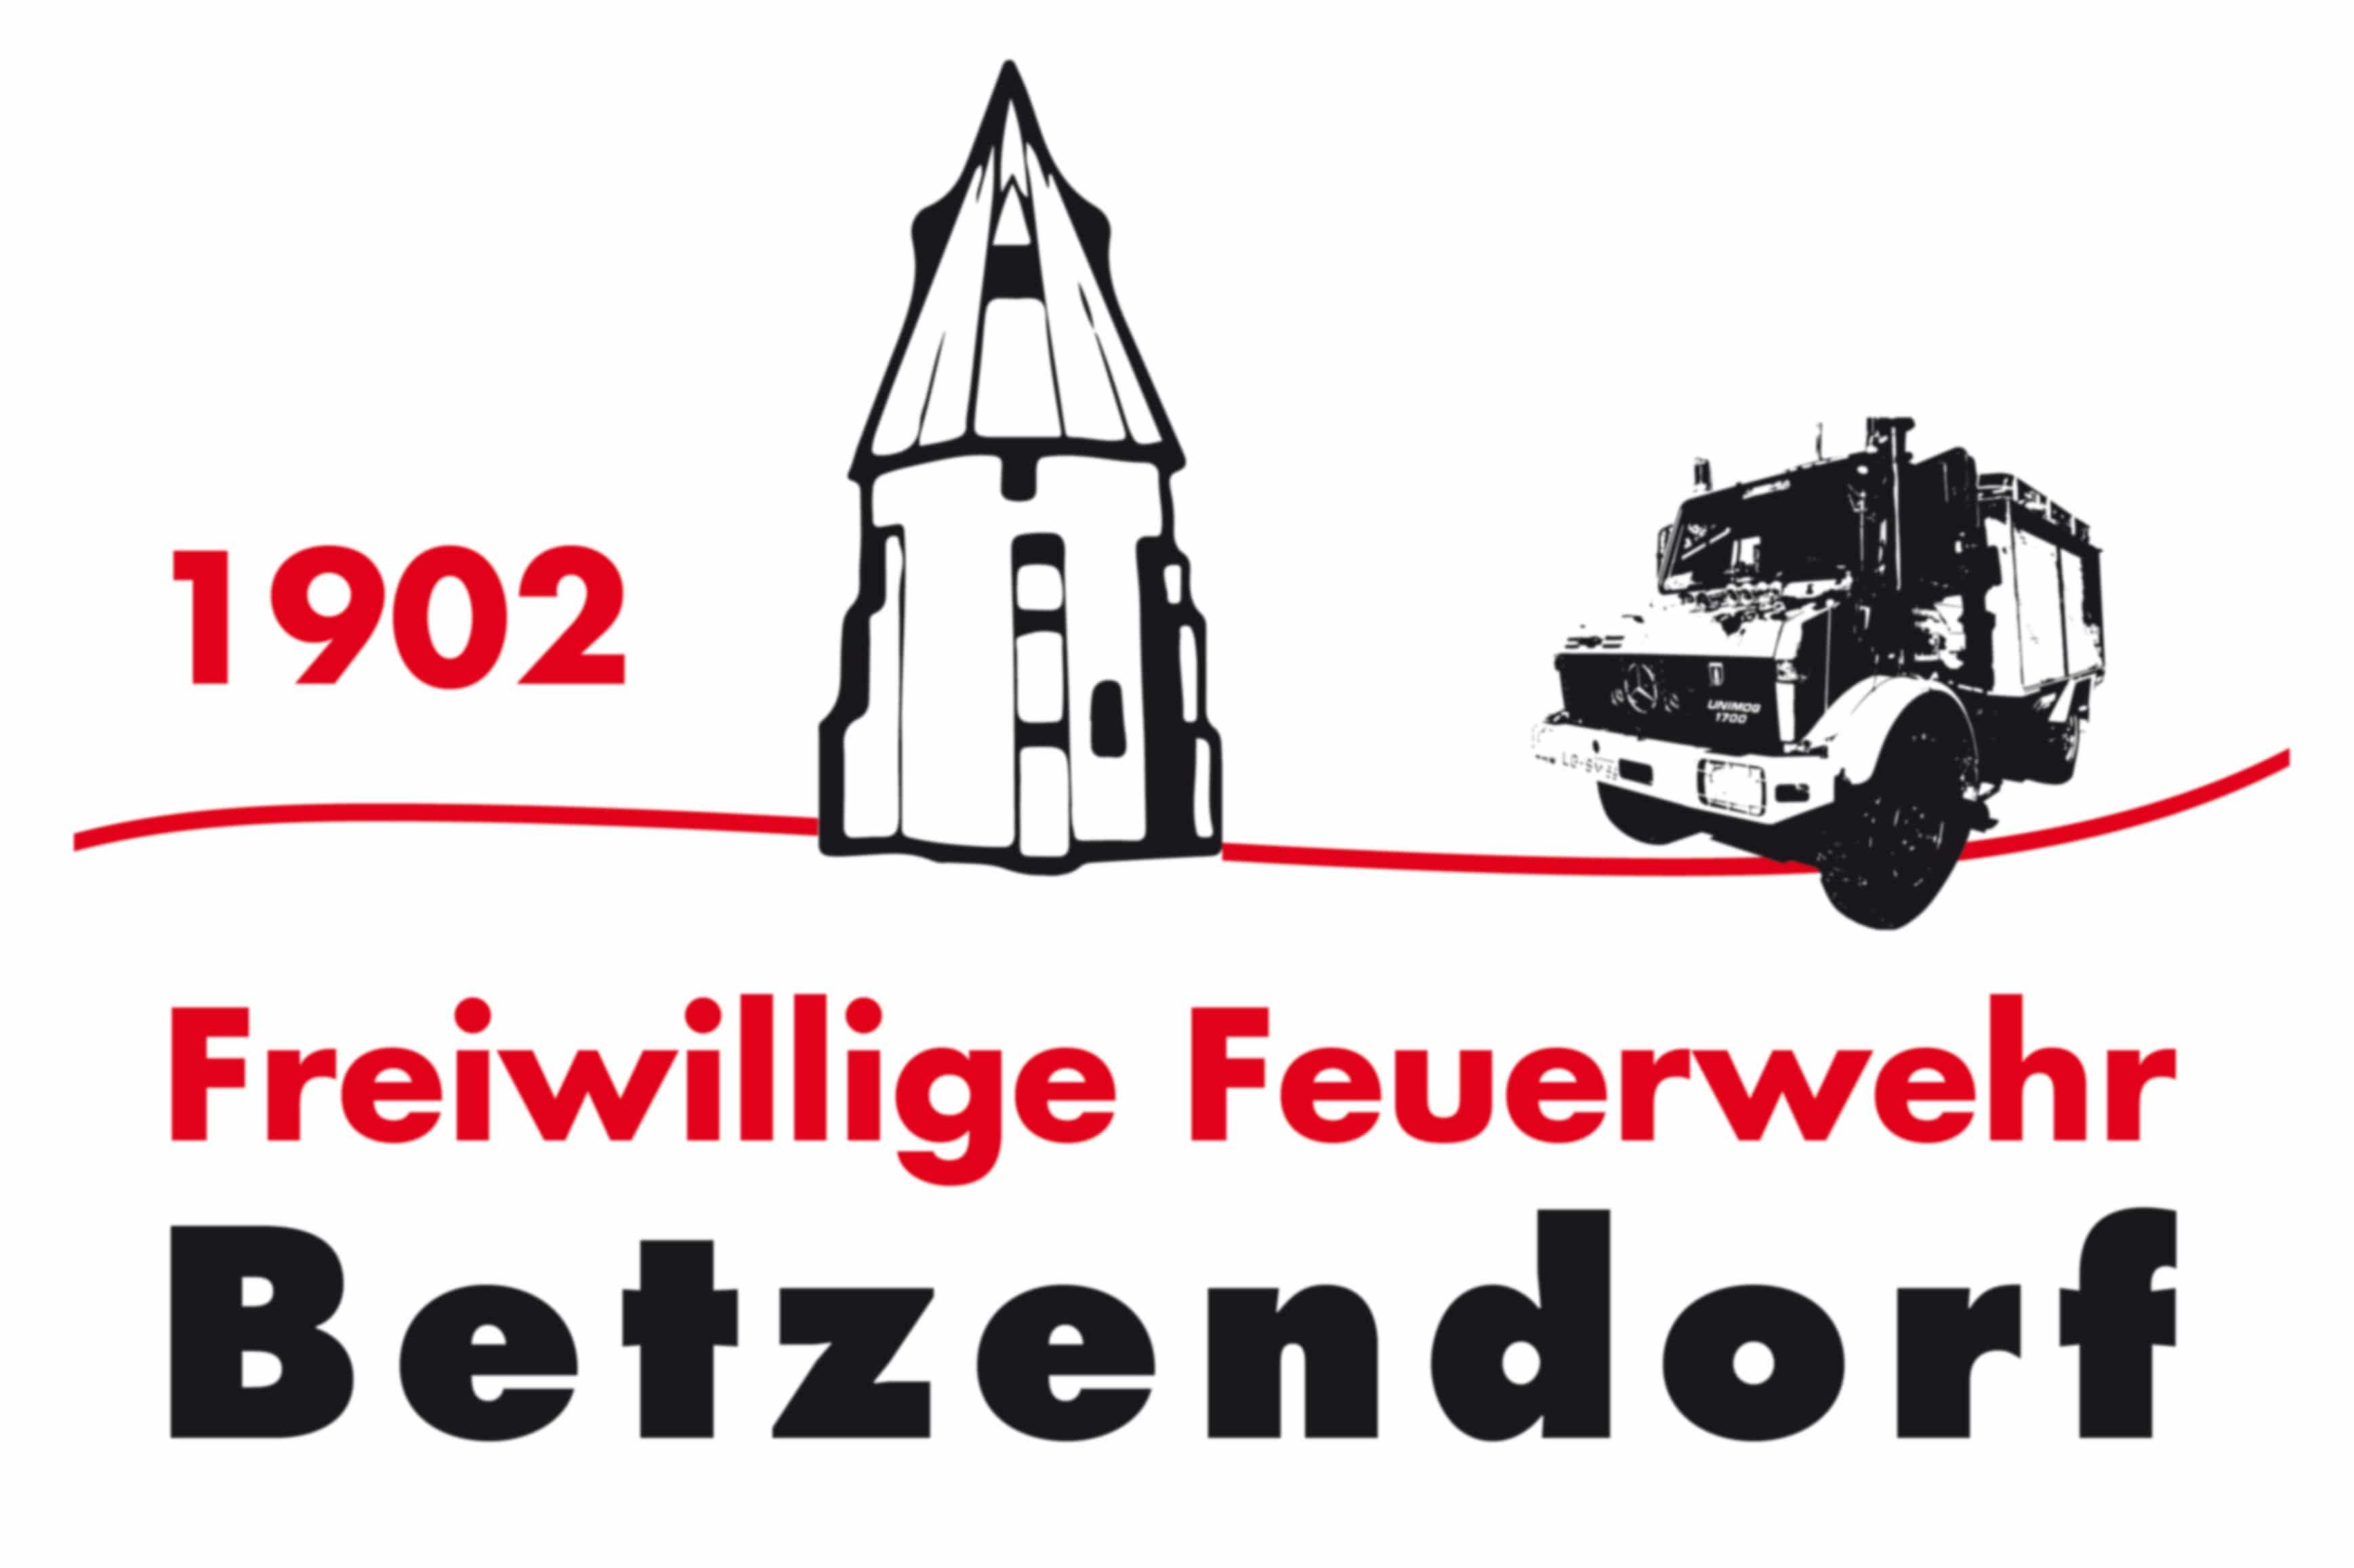 Freiwillige Feuerwehr Betzendorf